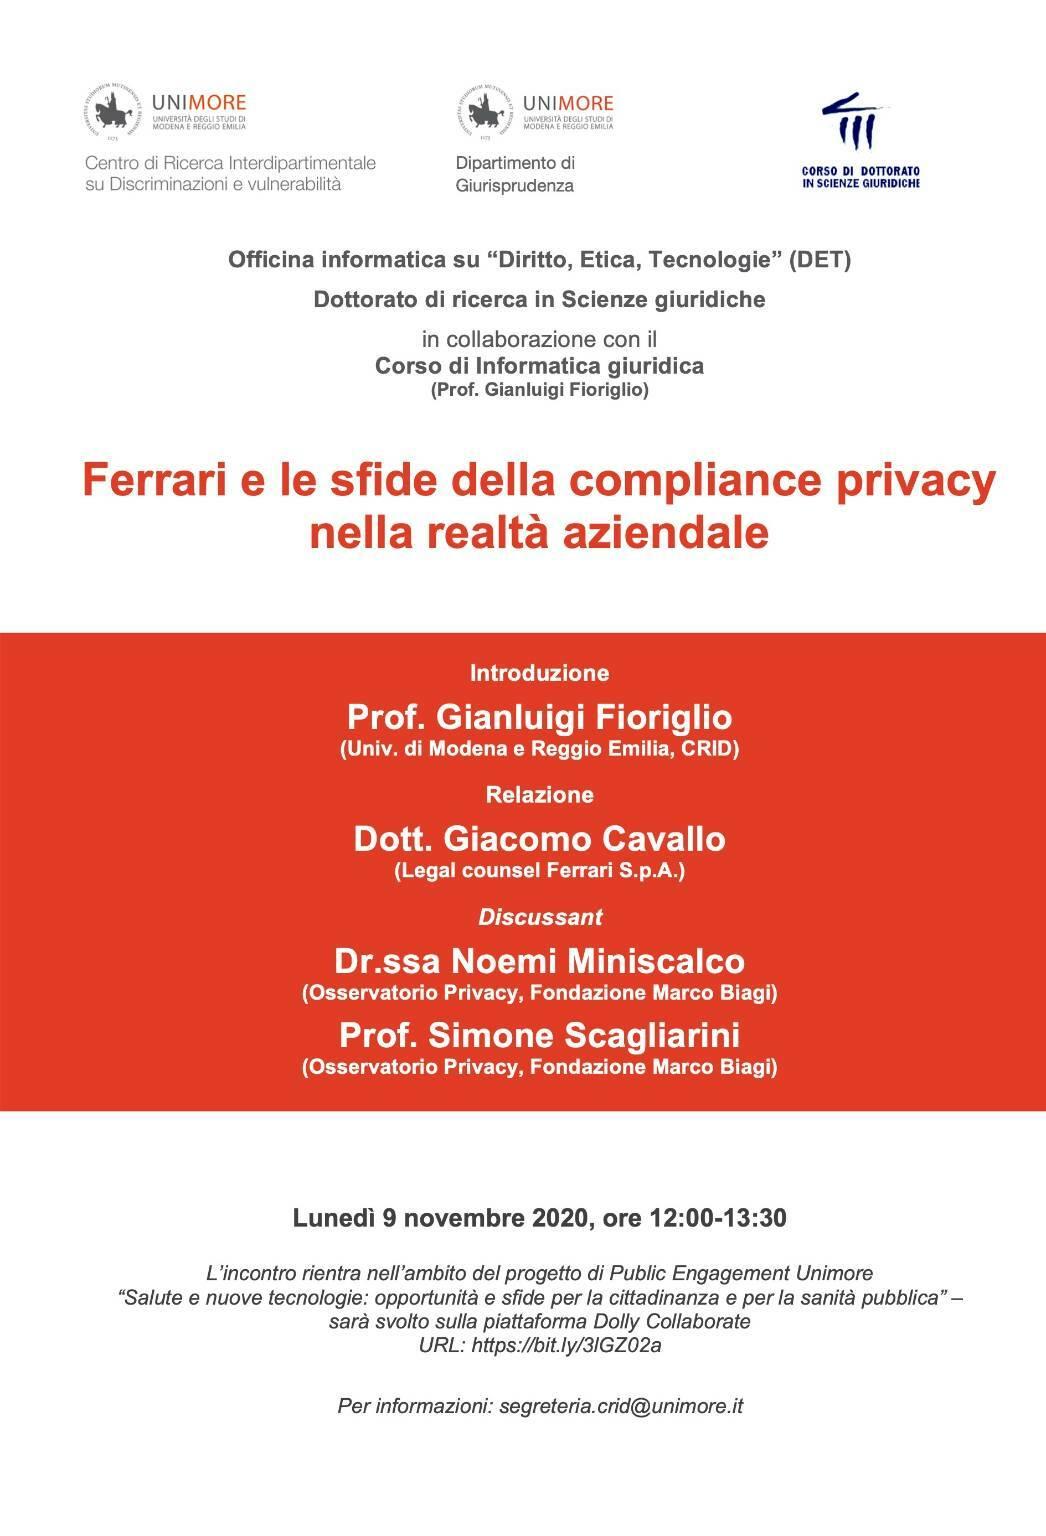 ferrari privacy seminario